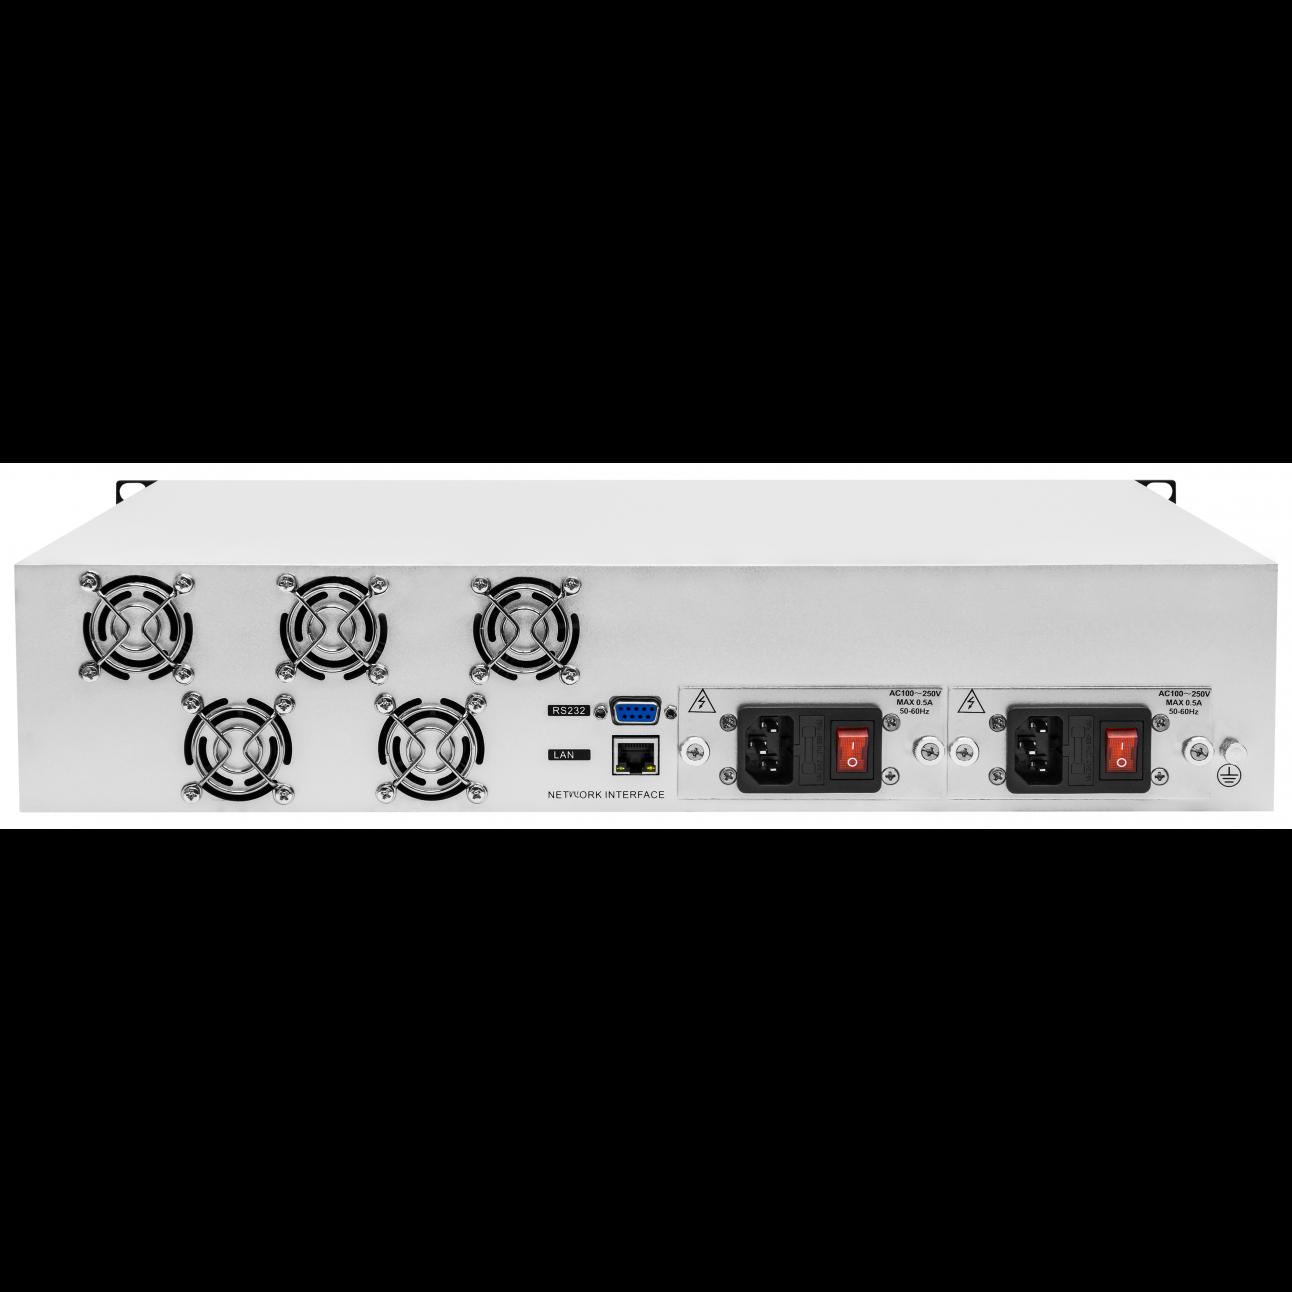 Оптический усилитель VERMAX для сетей КТВ, 8*19dBm, WDM фильтр PON